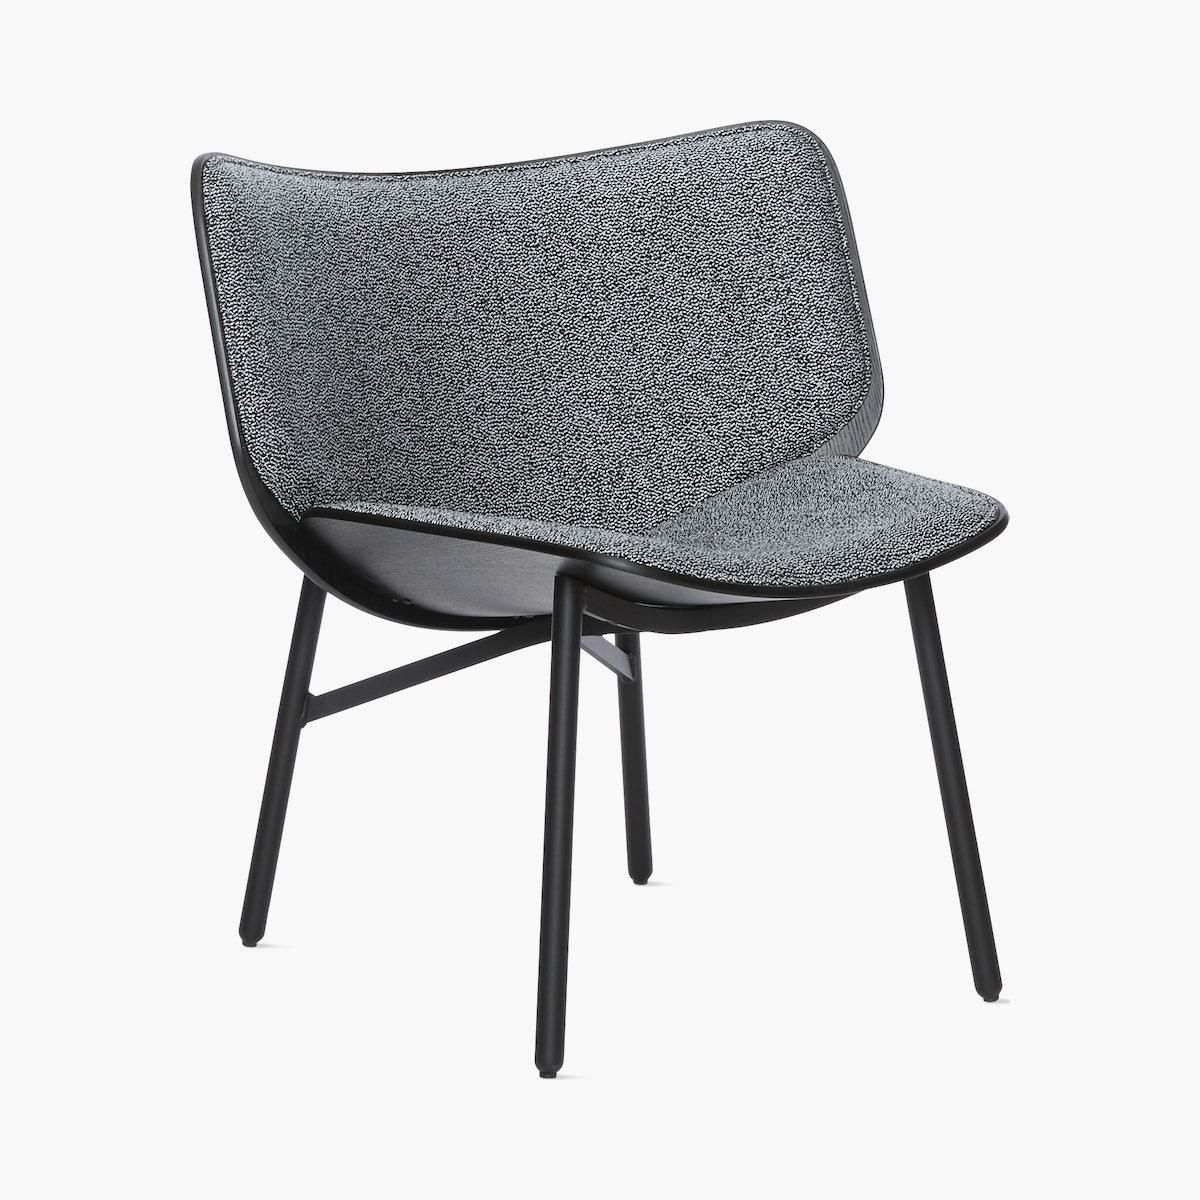 Dapper Lounge Chair